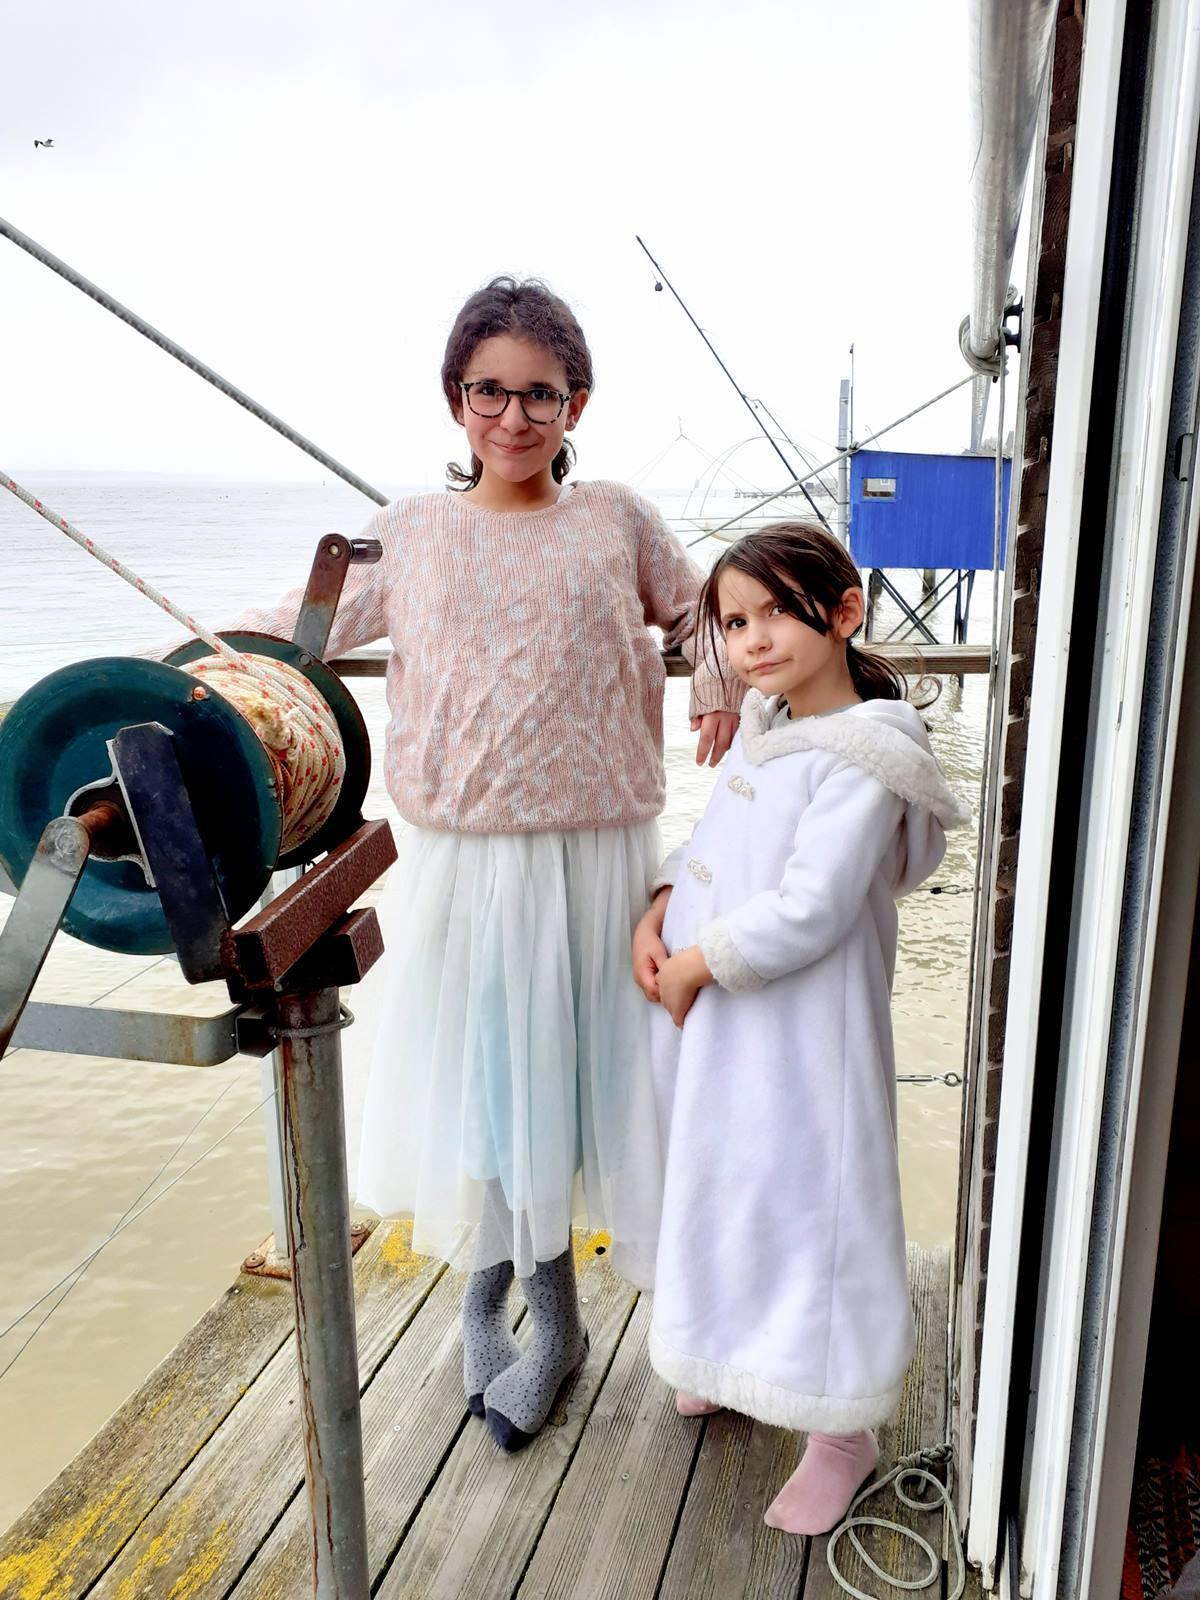 Pecherie 172 saint nazaire loire atlantique20200307 173851